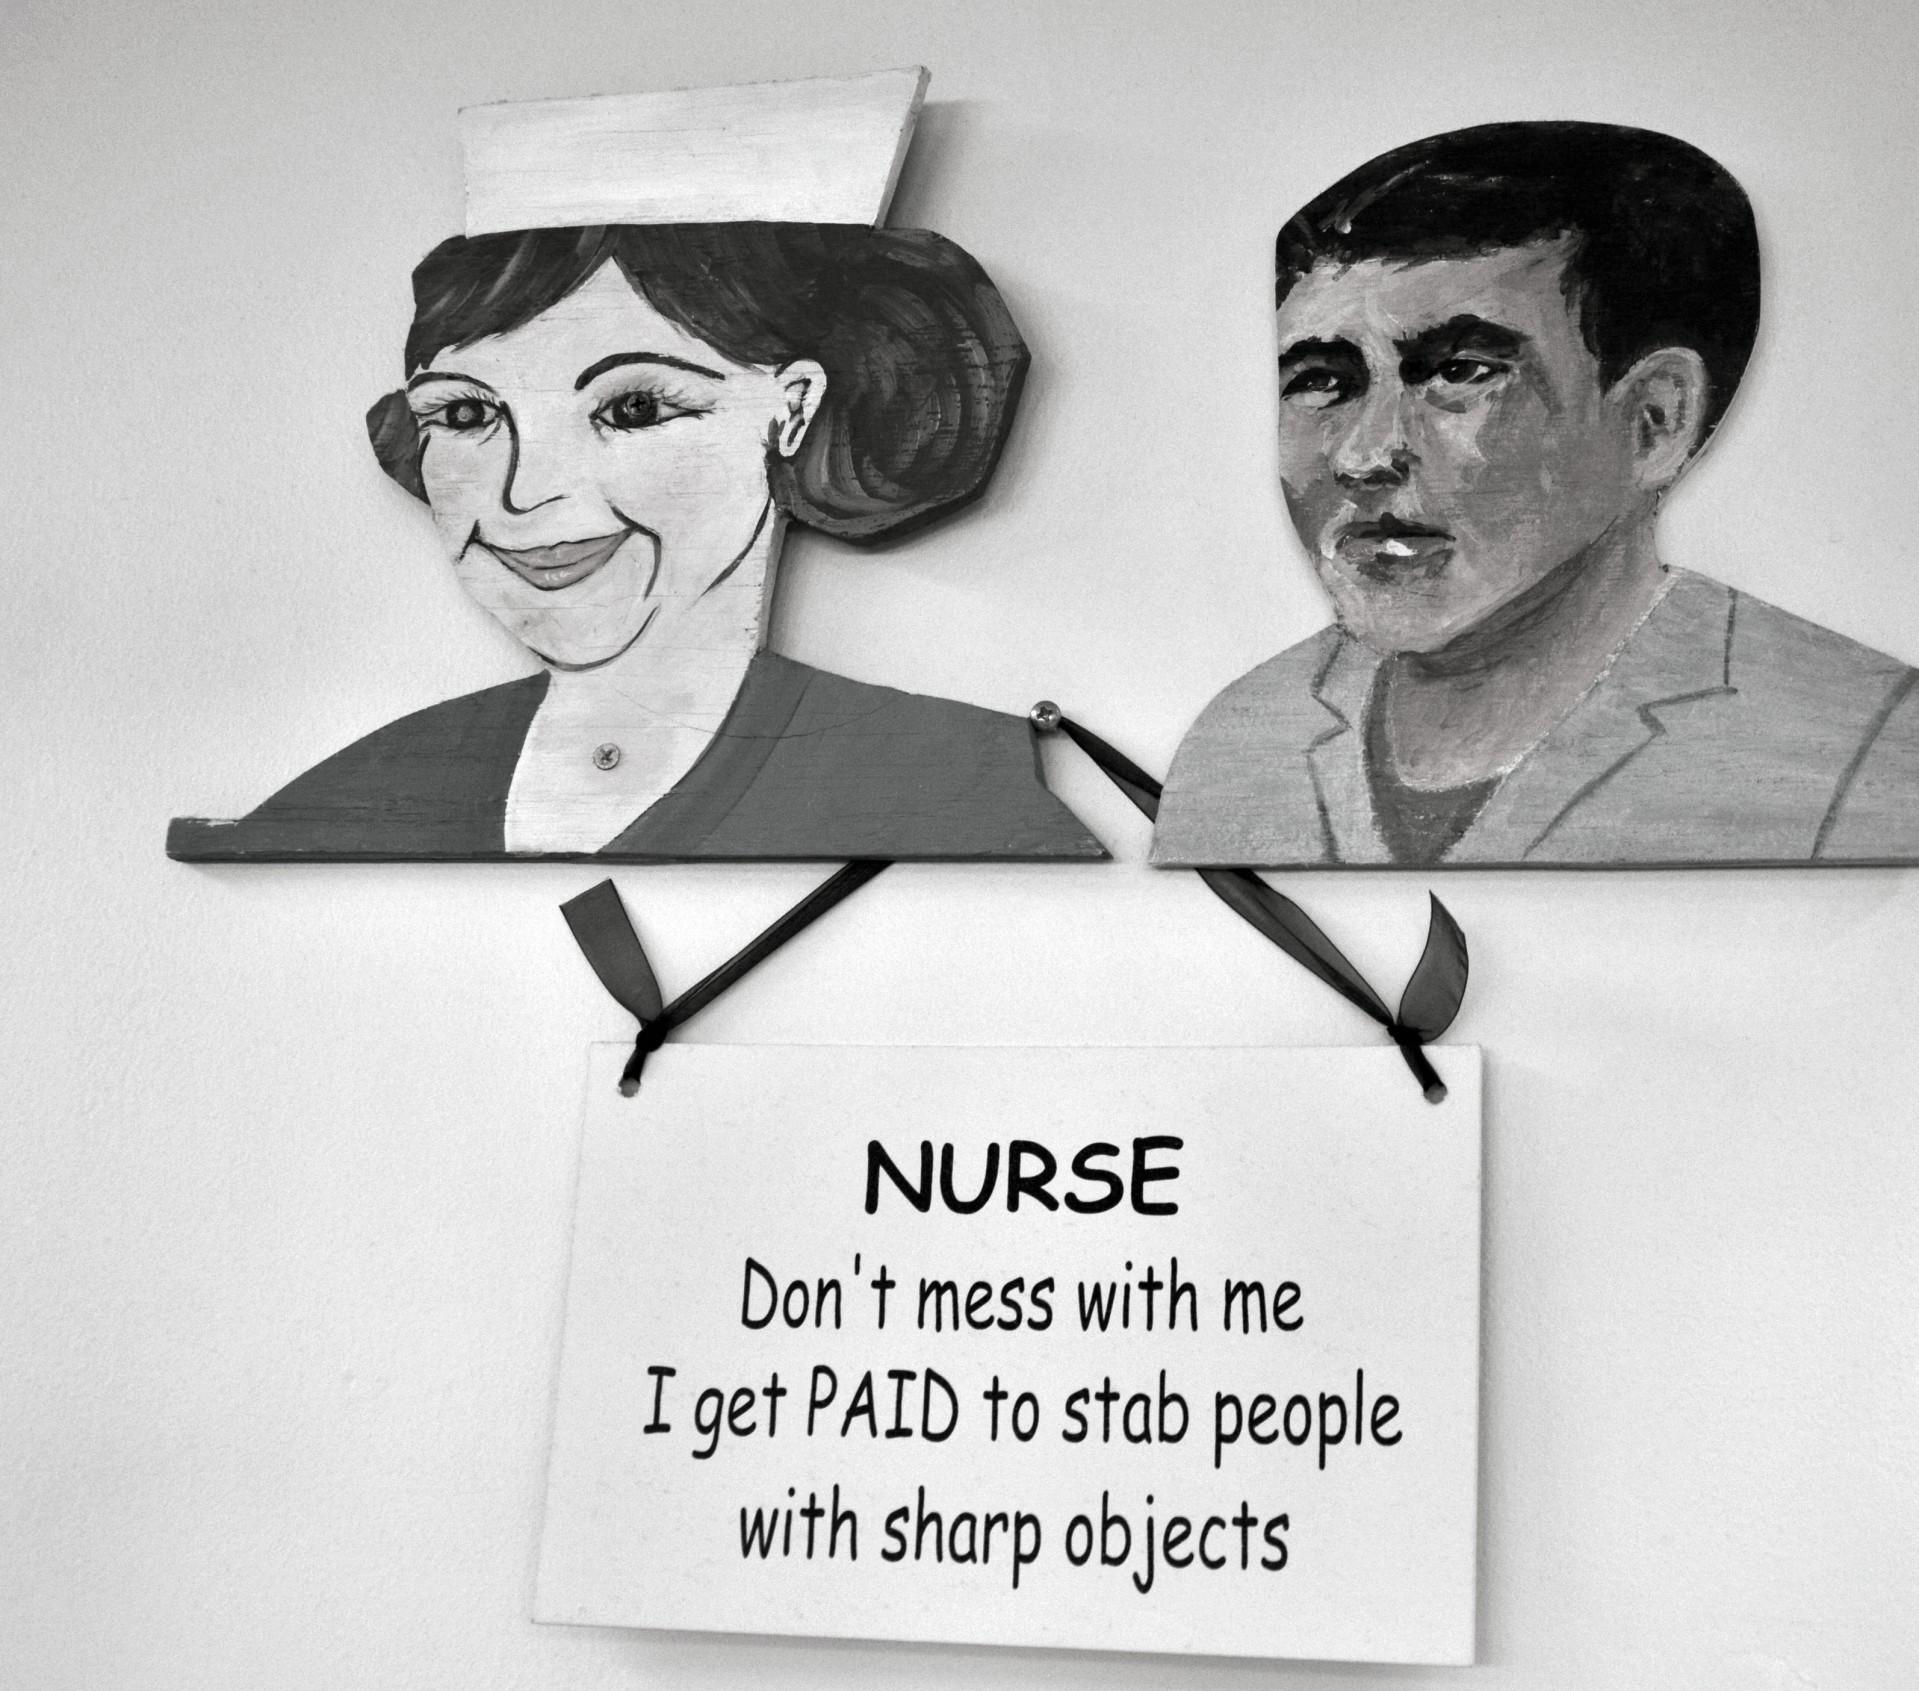 Funny Cartoon Hospital Pics funny,nurse,shots,hospital,patients - free image from